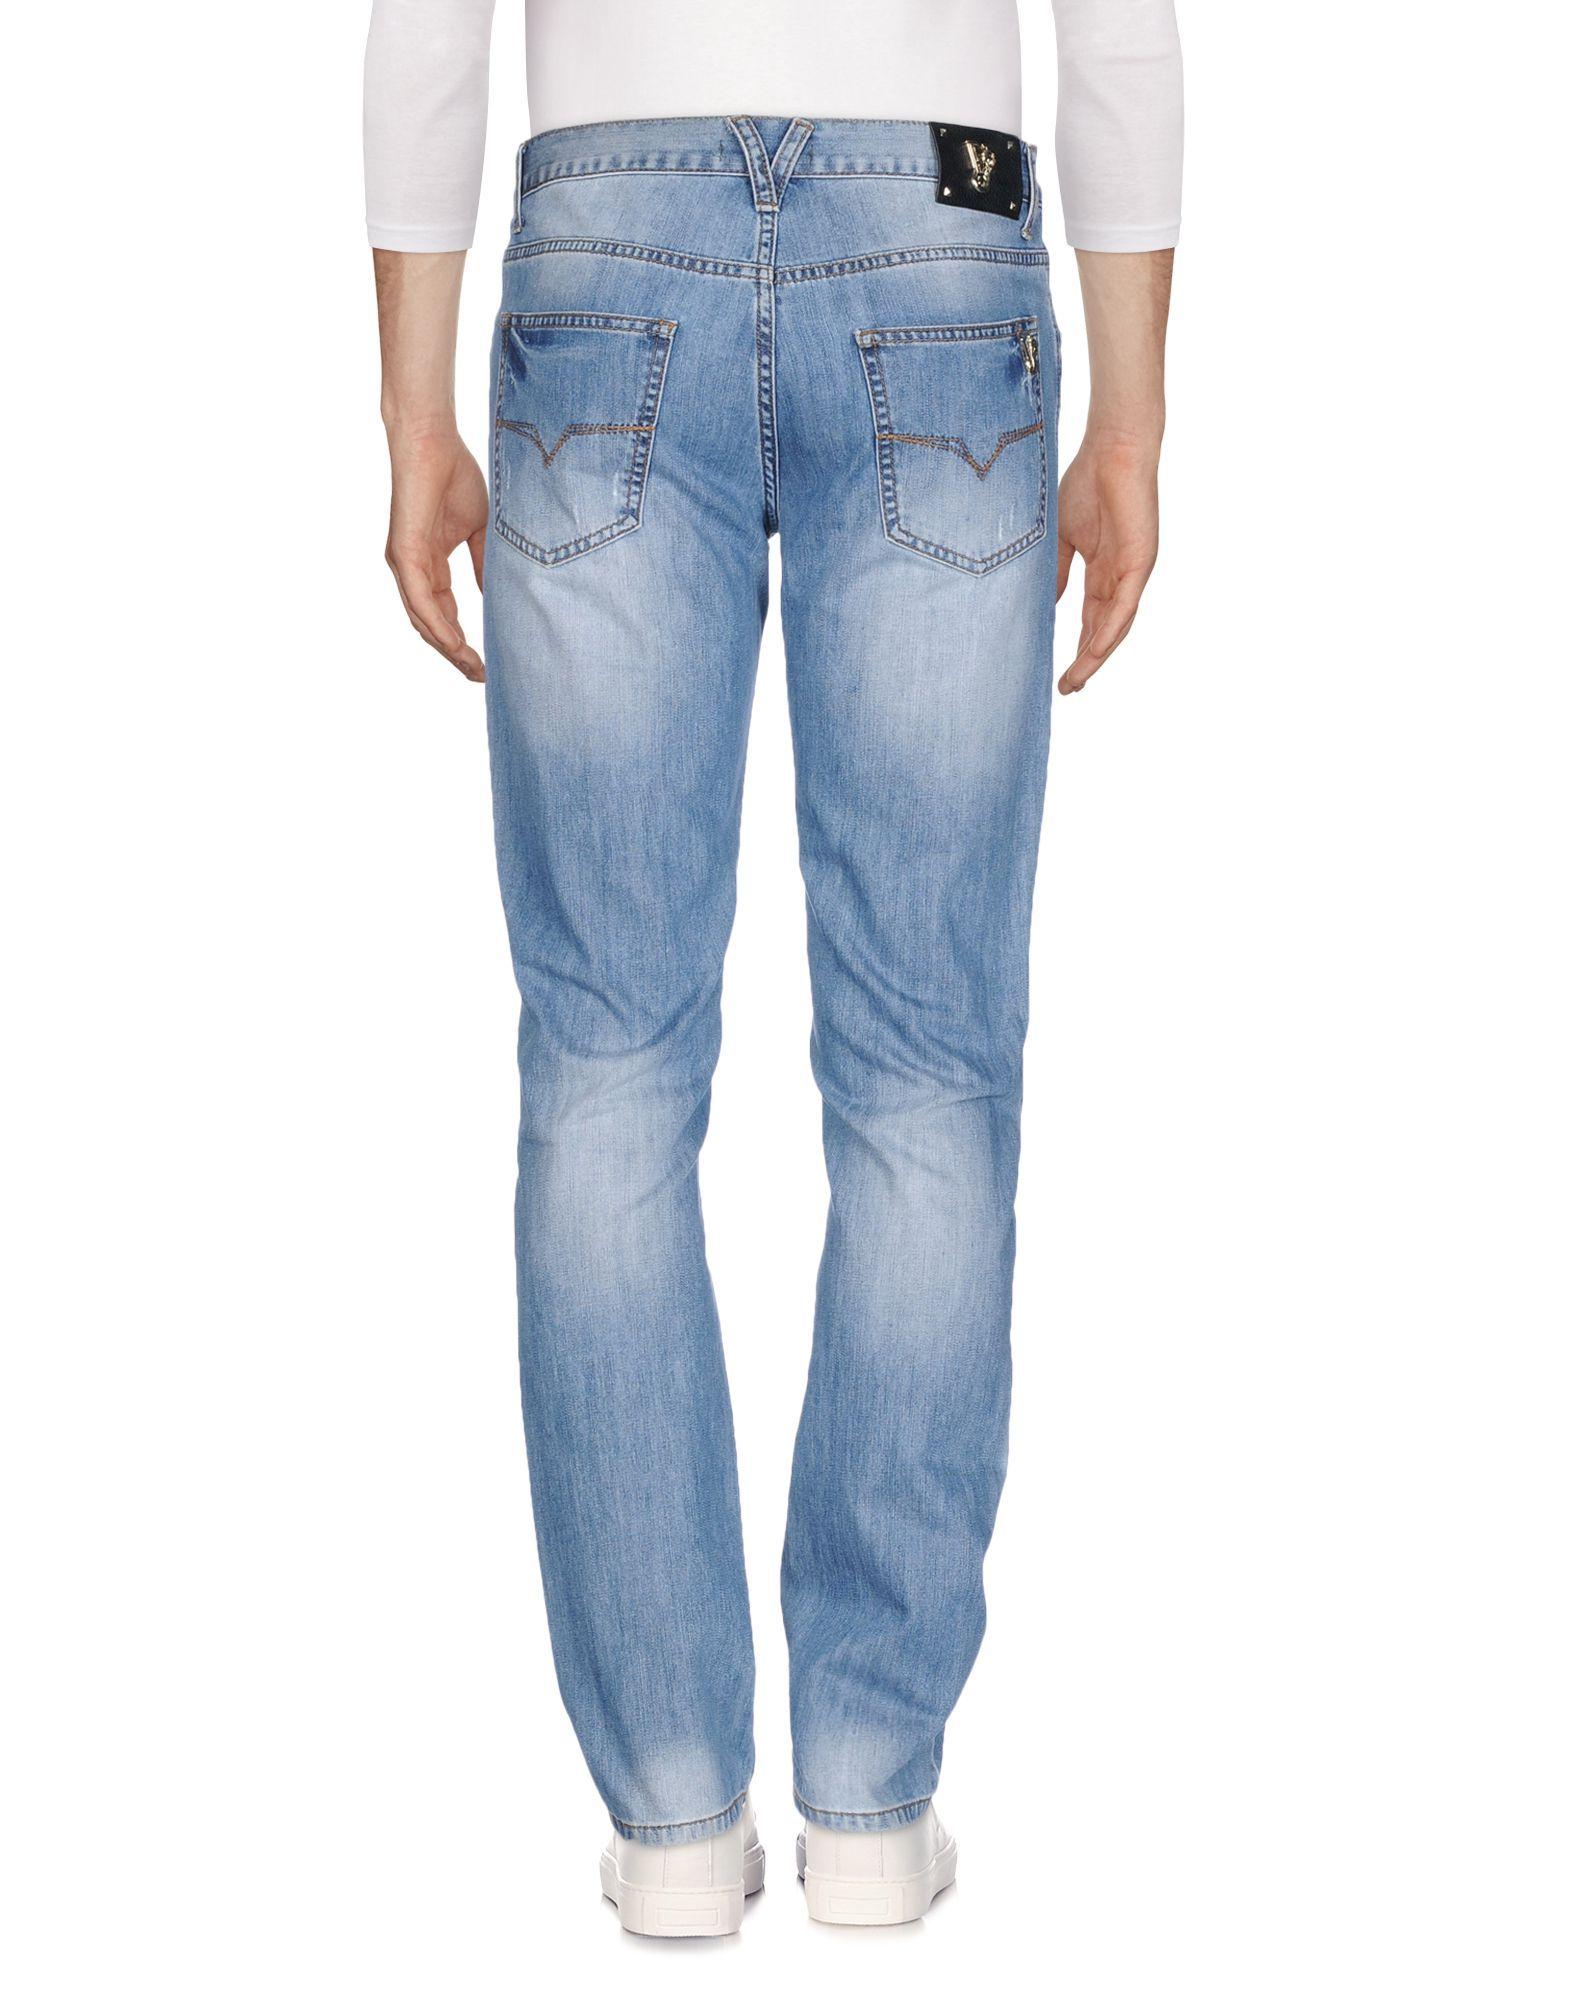 Versace Jeans Blue Cotton Jeans